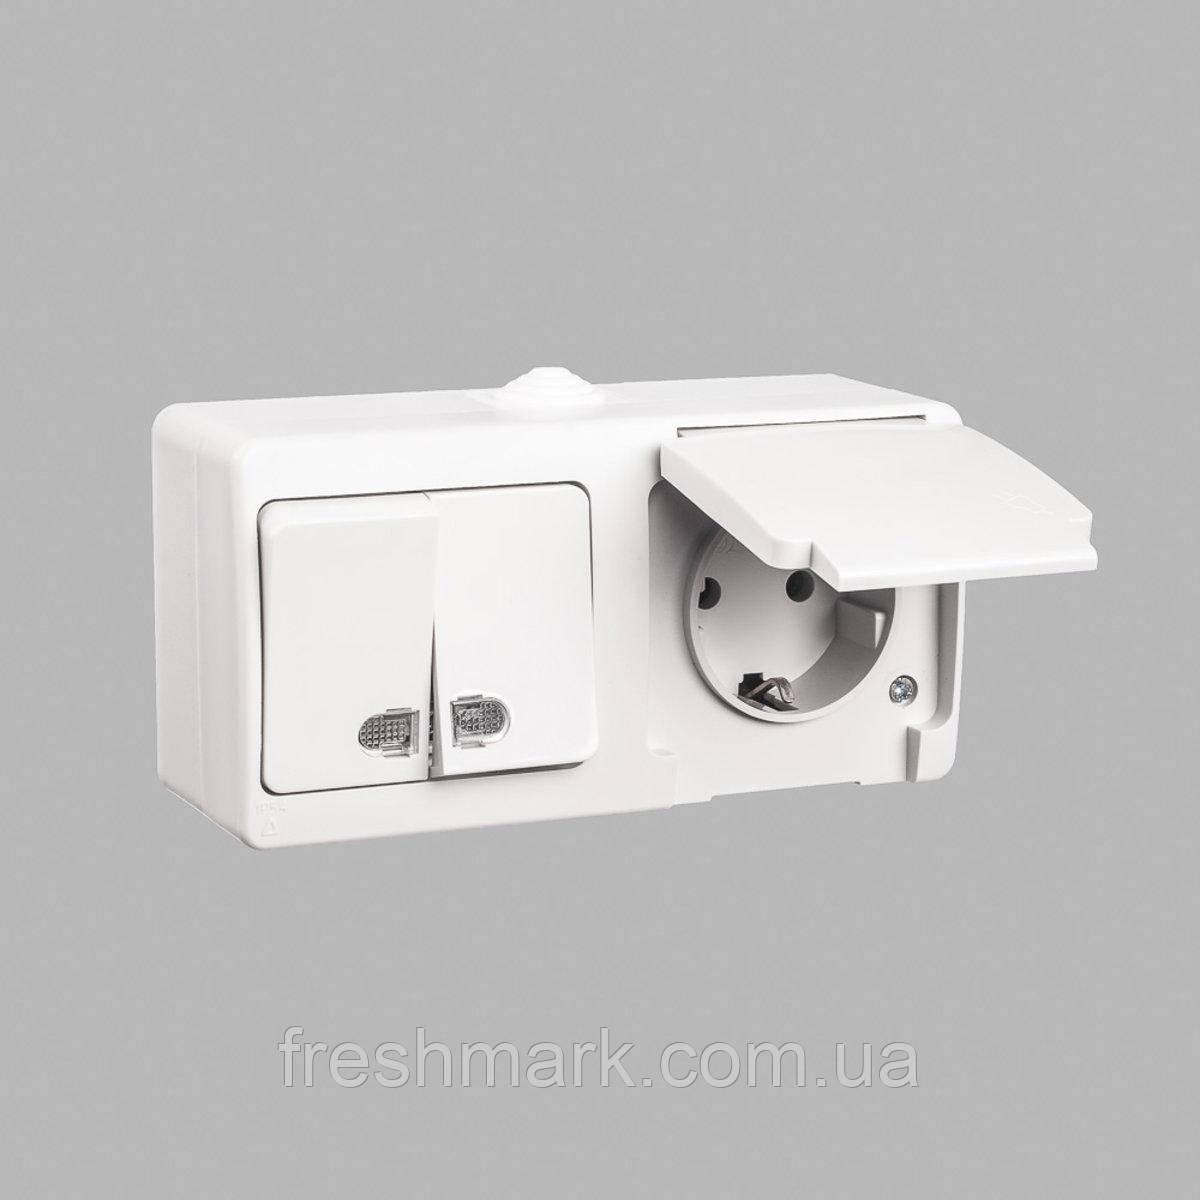 Блок выключатель двухклавишный с подсветкой + розетка с заземлением GUNSAN Nemliyer влагозащищенный Серый